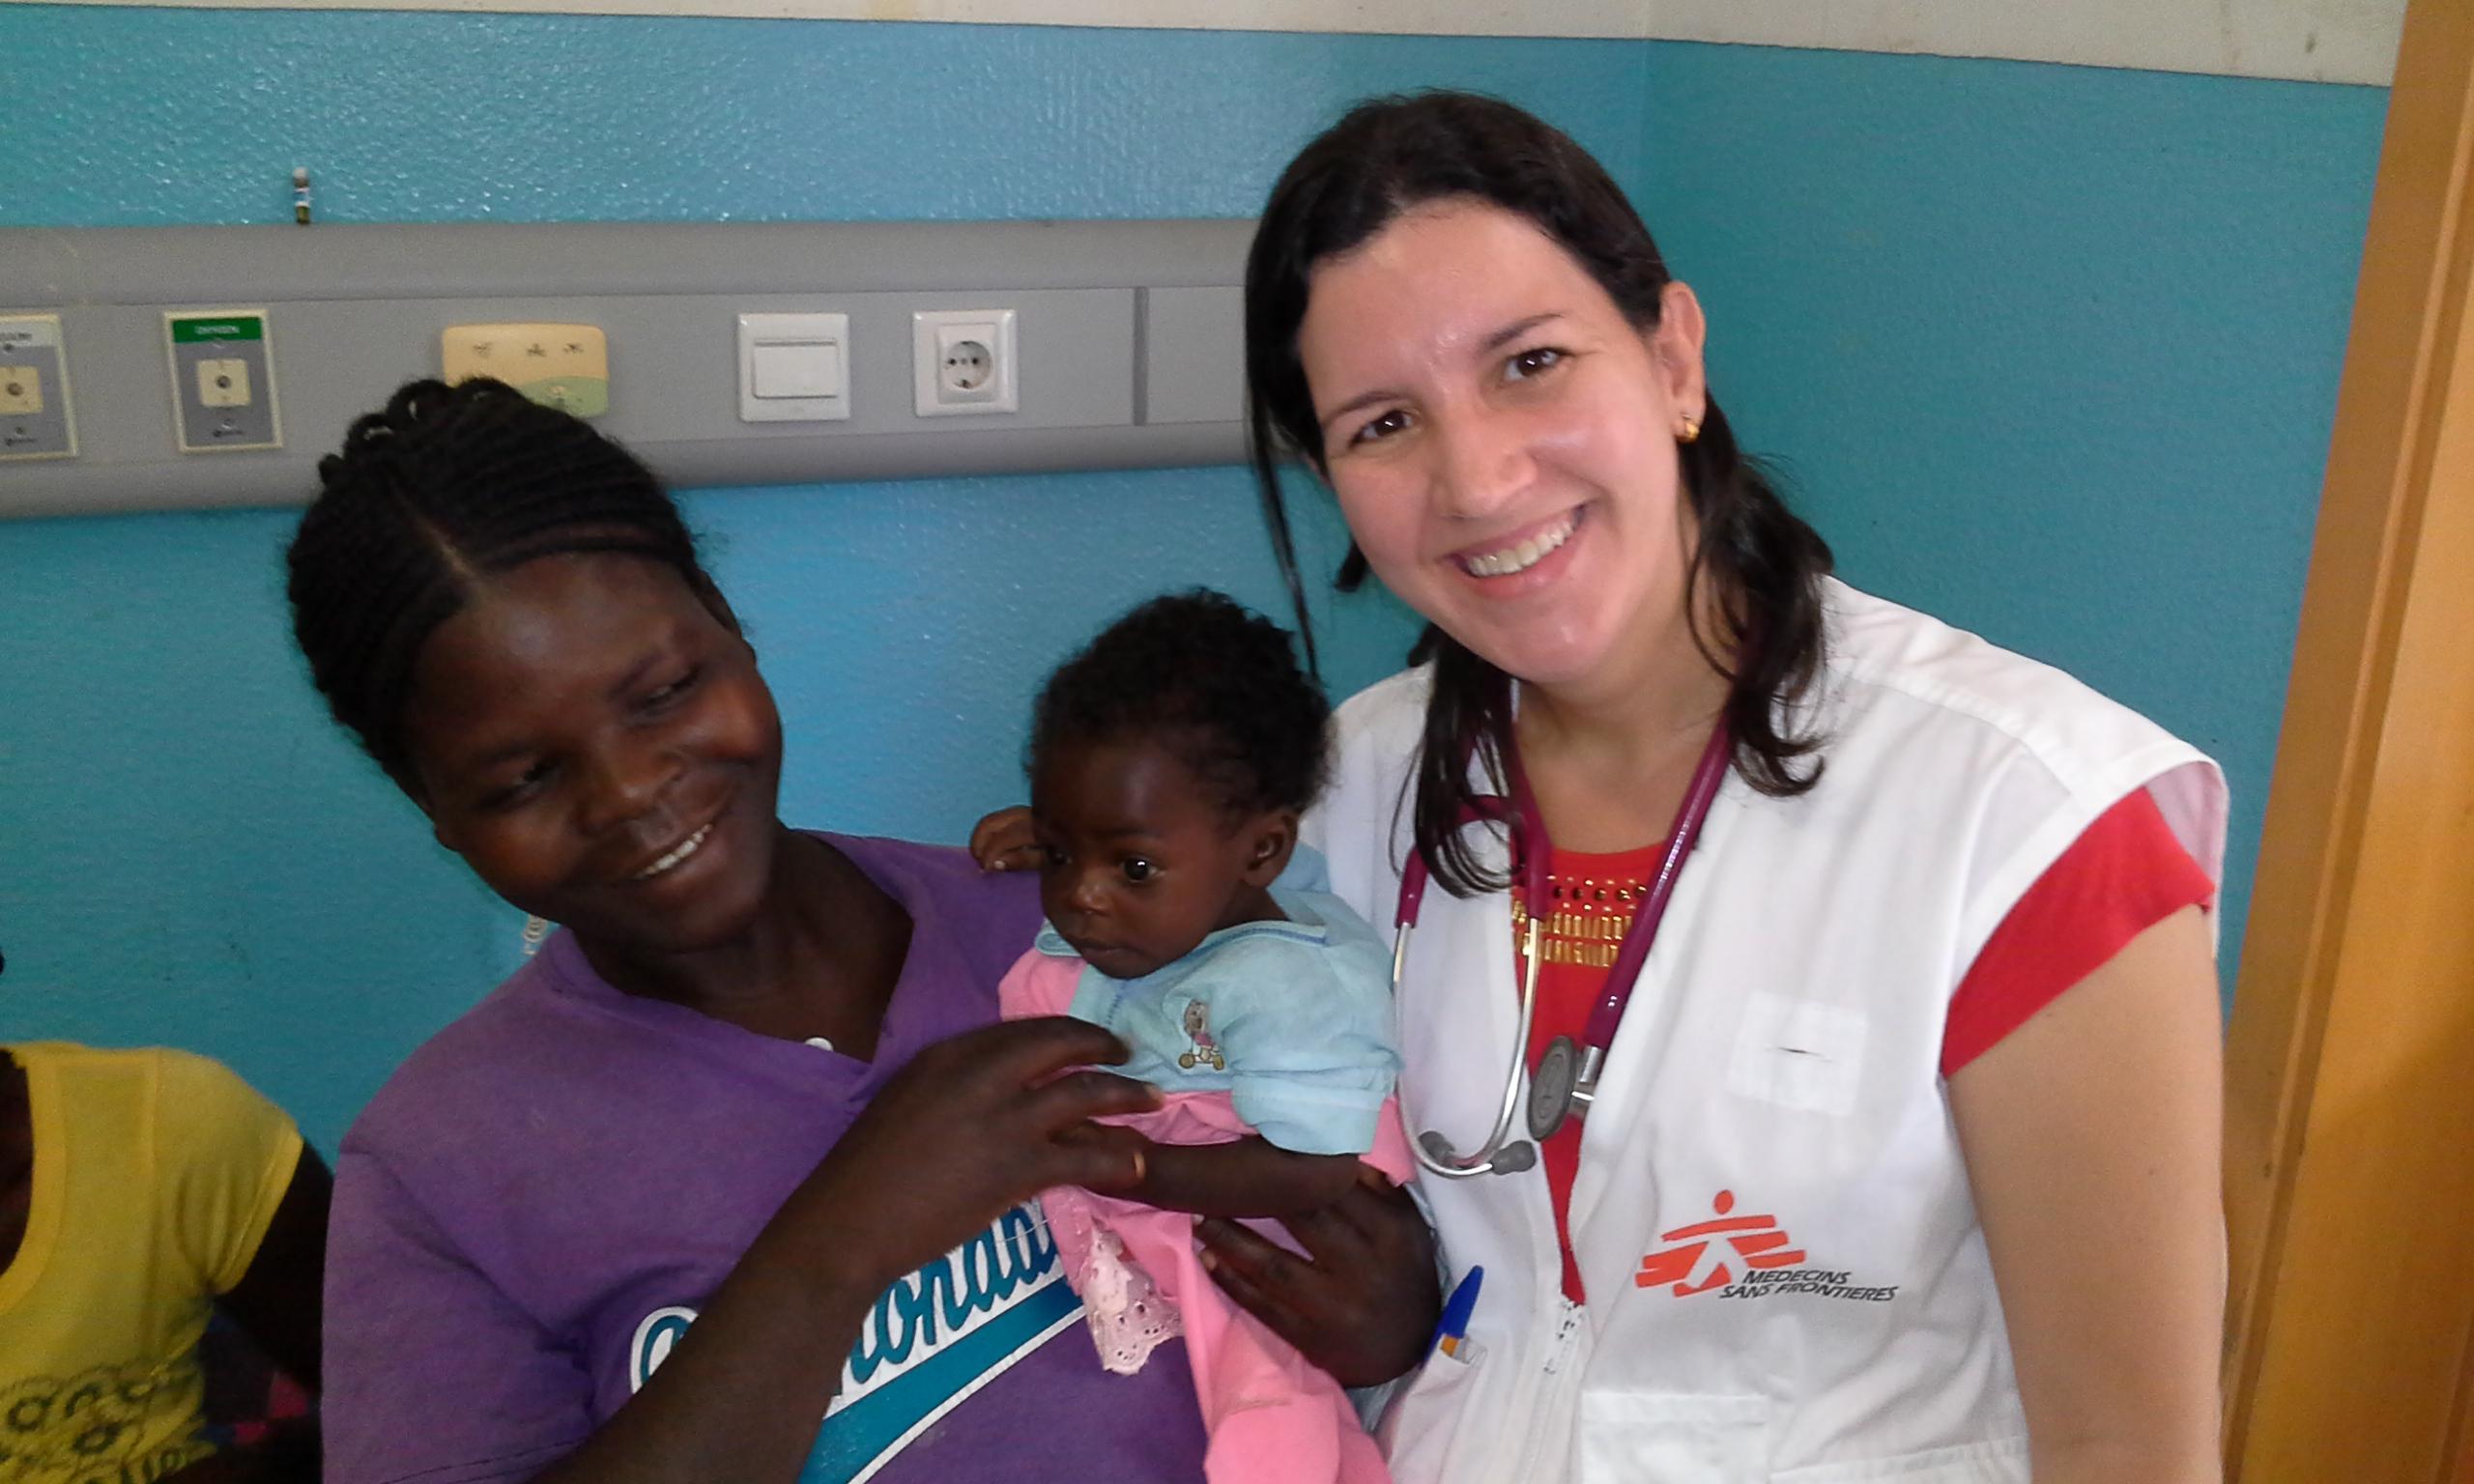 A inspiradora história da cearense que estudou Medicina para ajudar pobres pelo mundo